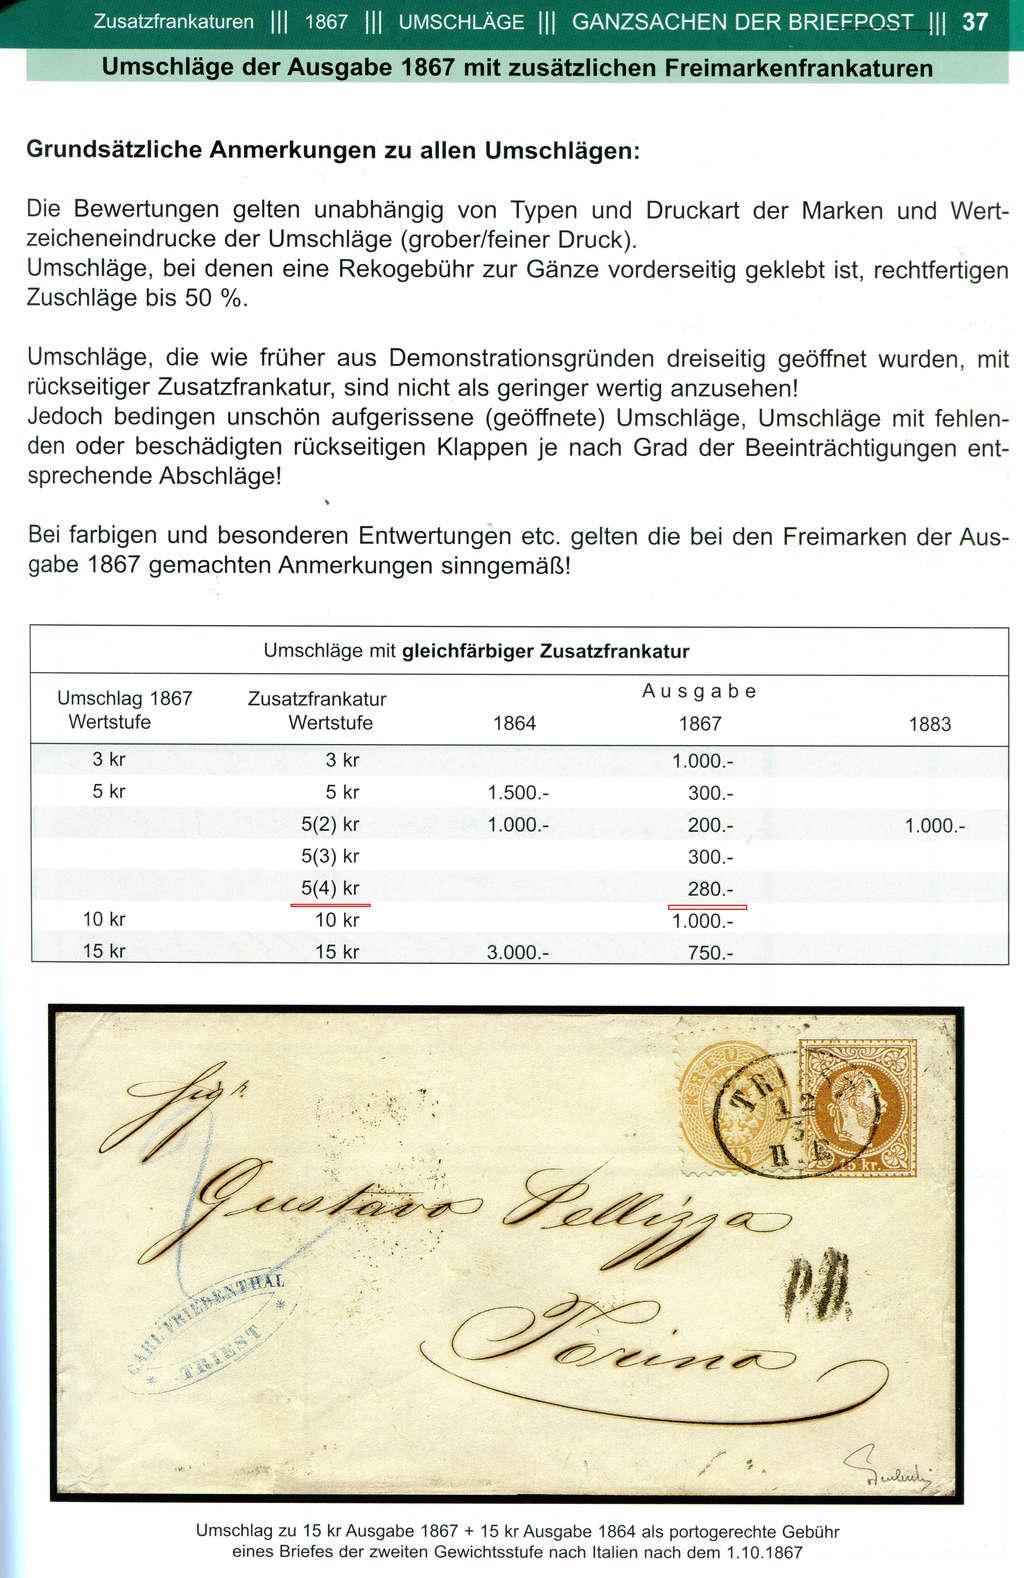 Freimarken-Ausgabe 1867 : Kopfbildnis Kaiser Franz Joseph I - Seite 18 Z010410